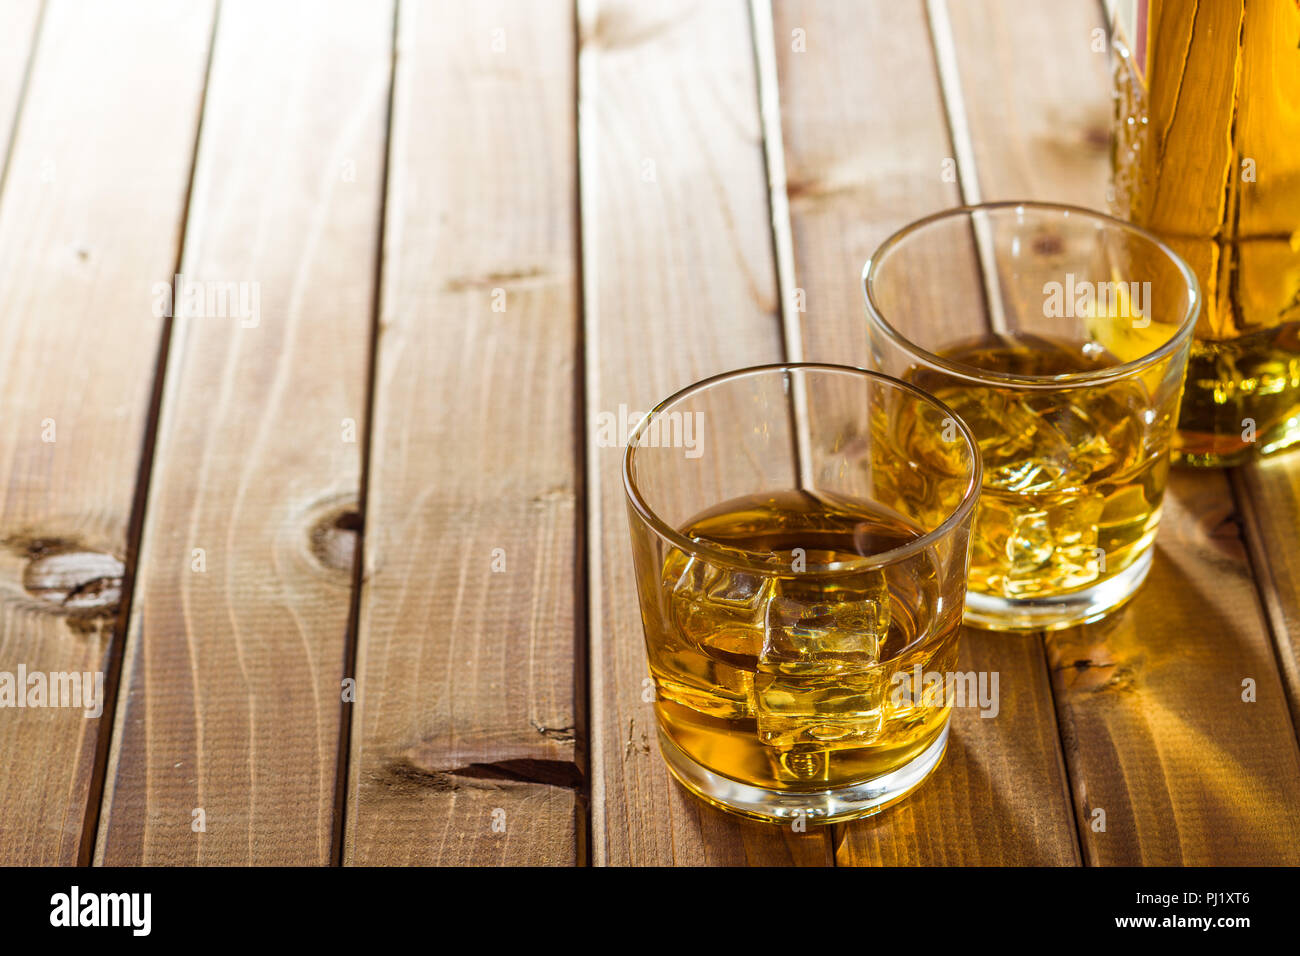 Glas alkoholische Getränke mit Eiswürfeln auf hölzernen Tisch. Whiskey in Glas. Stockbild